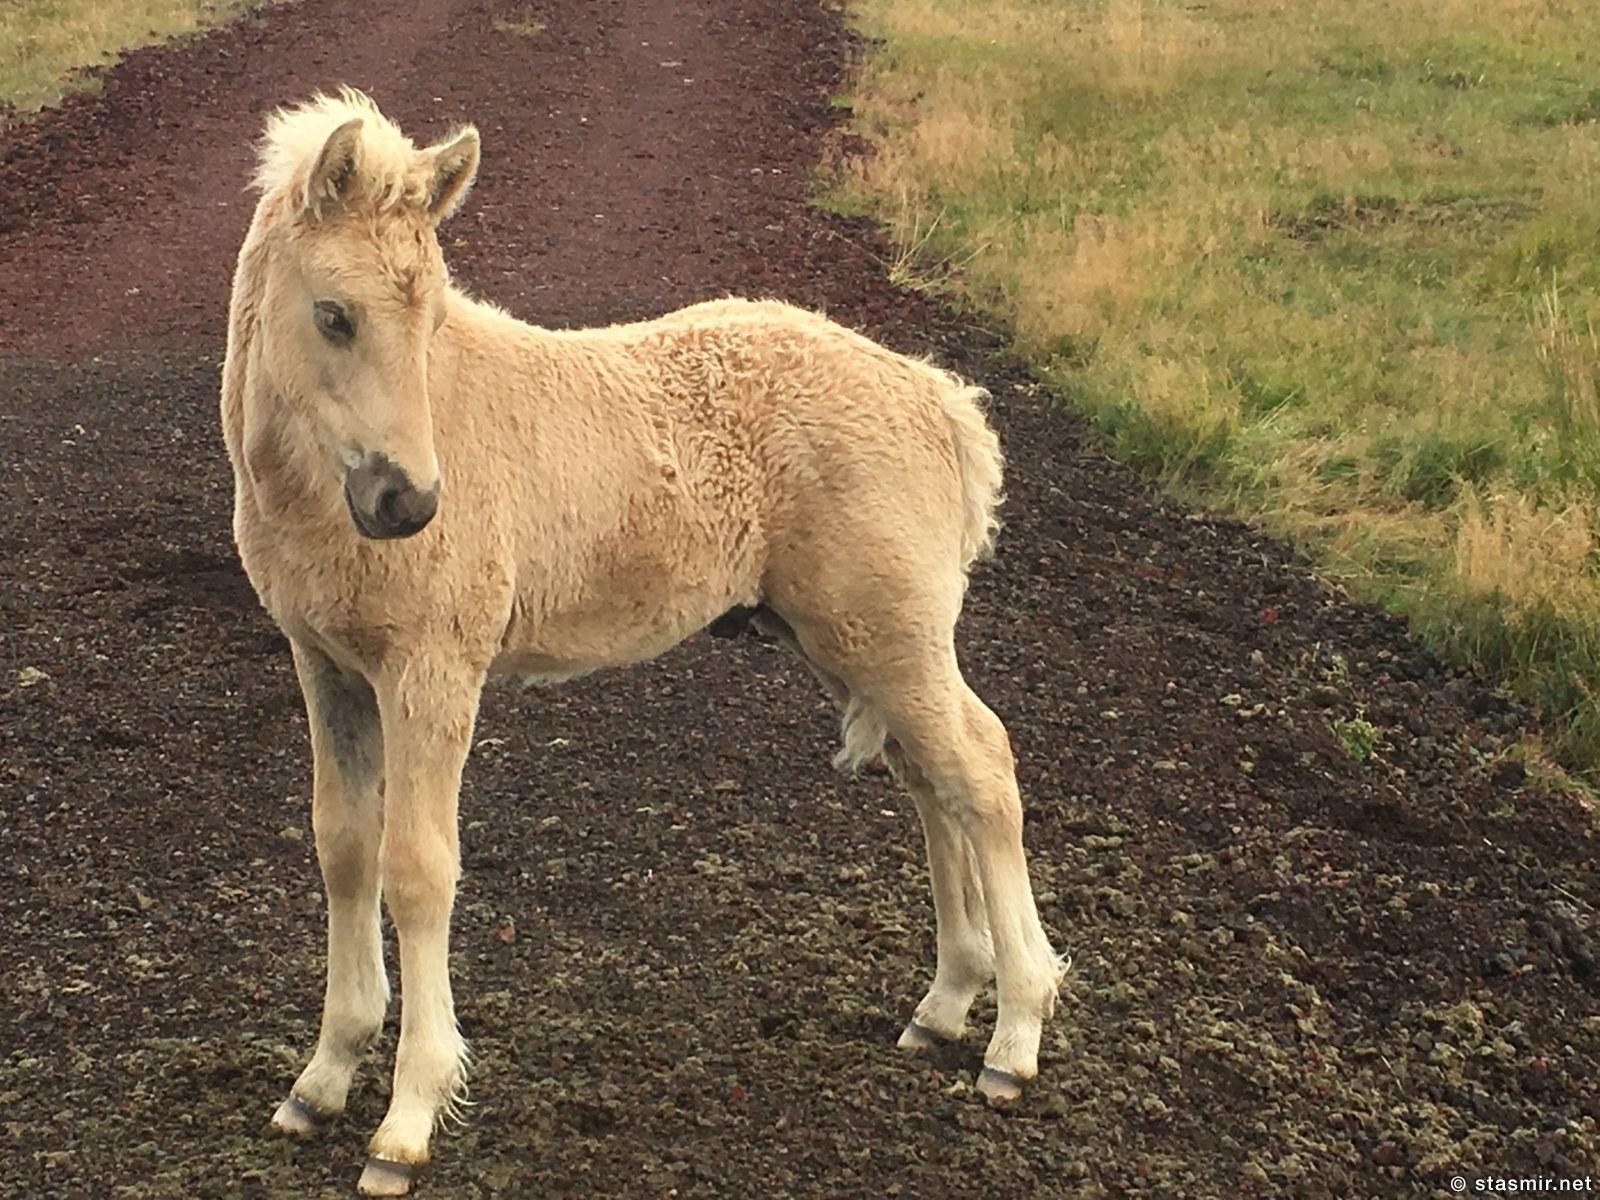 рожденный бегать не станет ползать, фото Стасмир, Южная Исландия, фото Стасмир, photo Stasmir